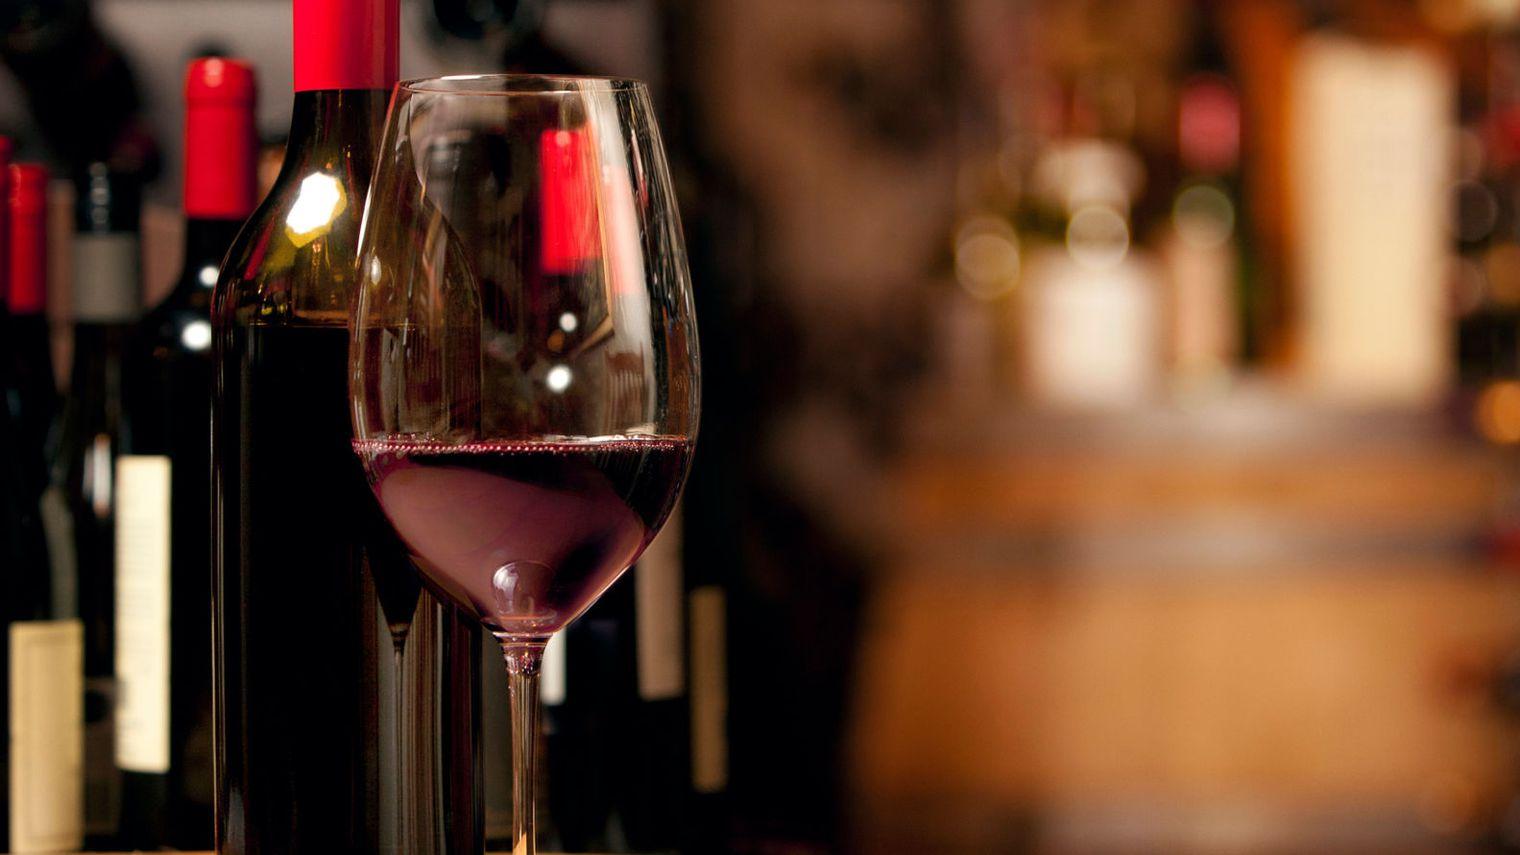 Critères pour choisir du vin : vous allez les découvrir dans mon article